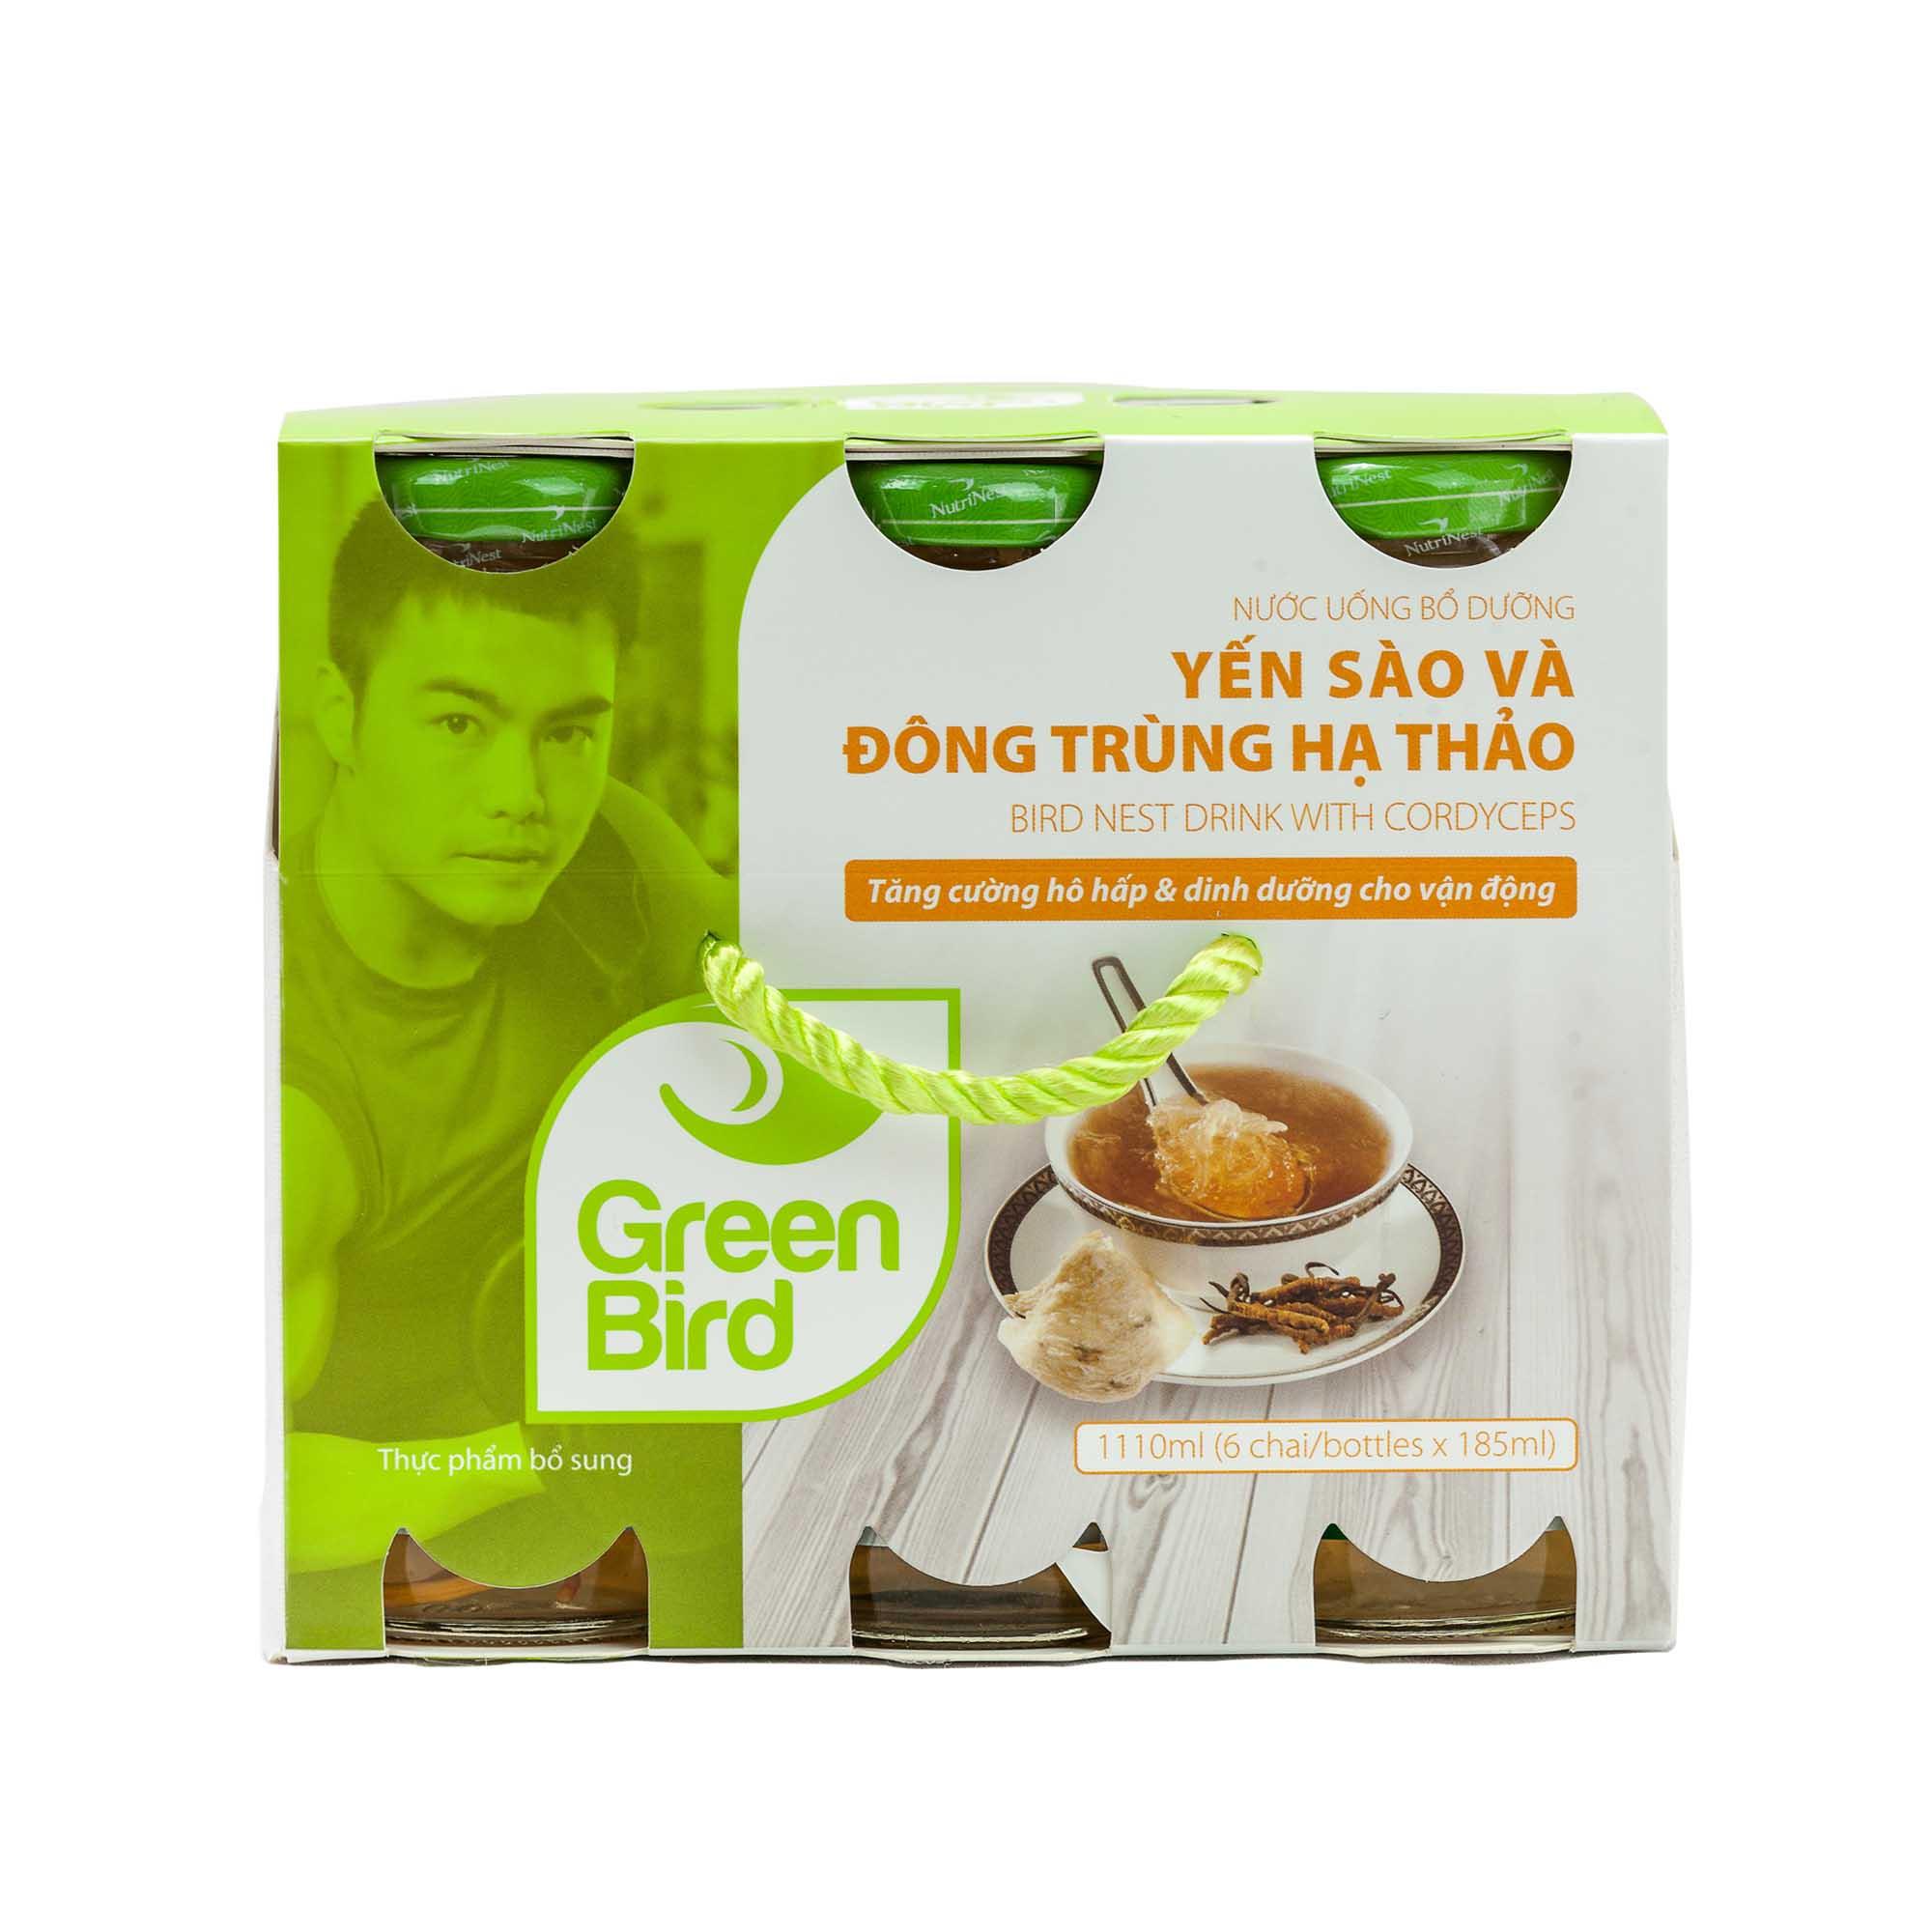 Khay Green Bird - Nước Uống Bổ Dưỡng Yến Sào và Đông Trùng Hạ Thảo - (6 hũ*185ml) - 18340000 , 7608534441141 , 62_11344888 , 174000 , Khay-Green-Bird-Nuoc-Uong-Bo-Duong-Yen-Sao-va-Dong-Trung-Ha-Thao-6-hu185ml-62_11344888 , tiki.vn , Khay Green Bird - Nước Uống Bổ Dưỡng Yến Sào và Đông Trùng Hạ Thảo - (6 hũ*185ml)